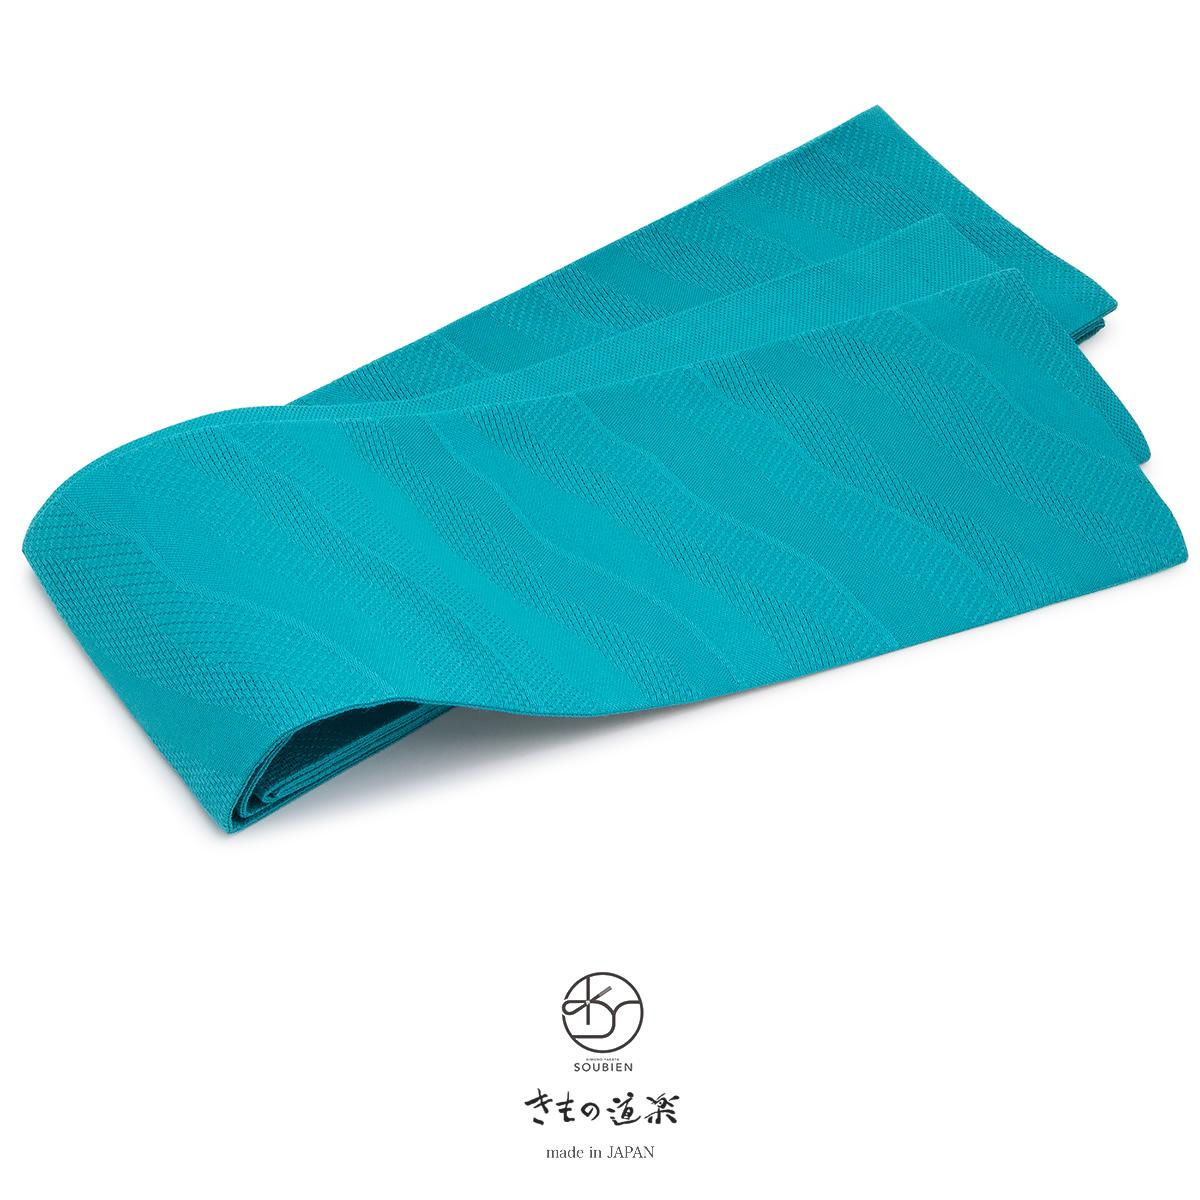 緑,浴衣にオススメなブランド「きもの道楽」の麻絹の半幅帯